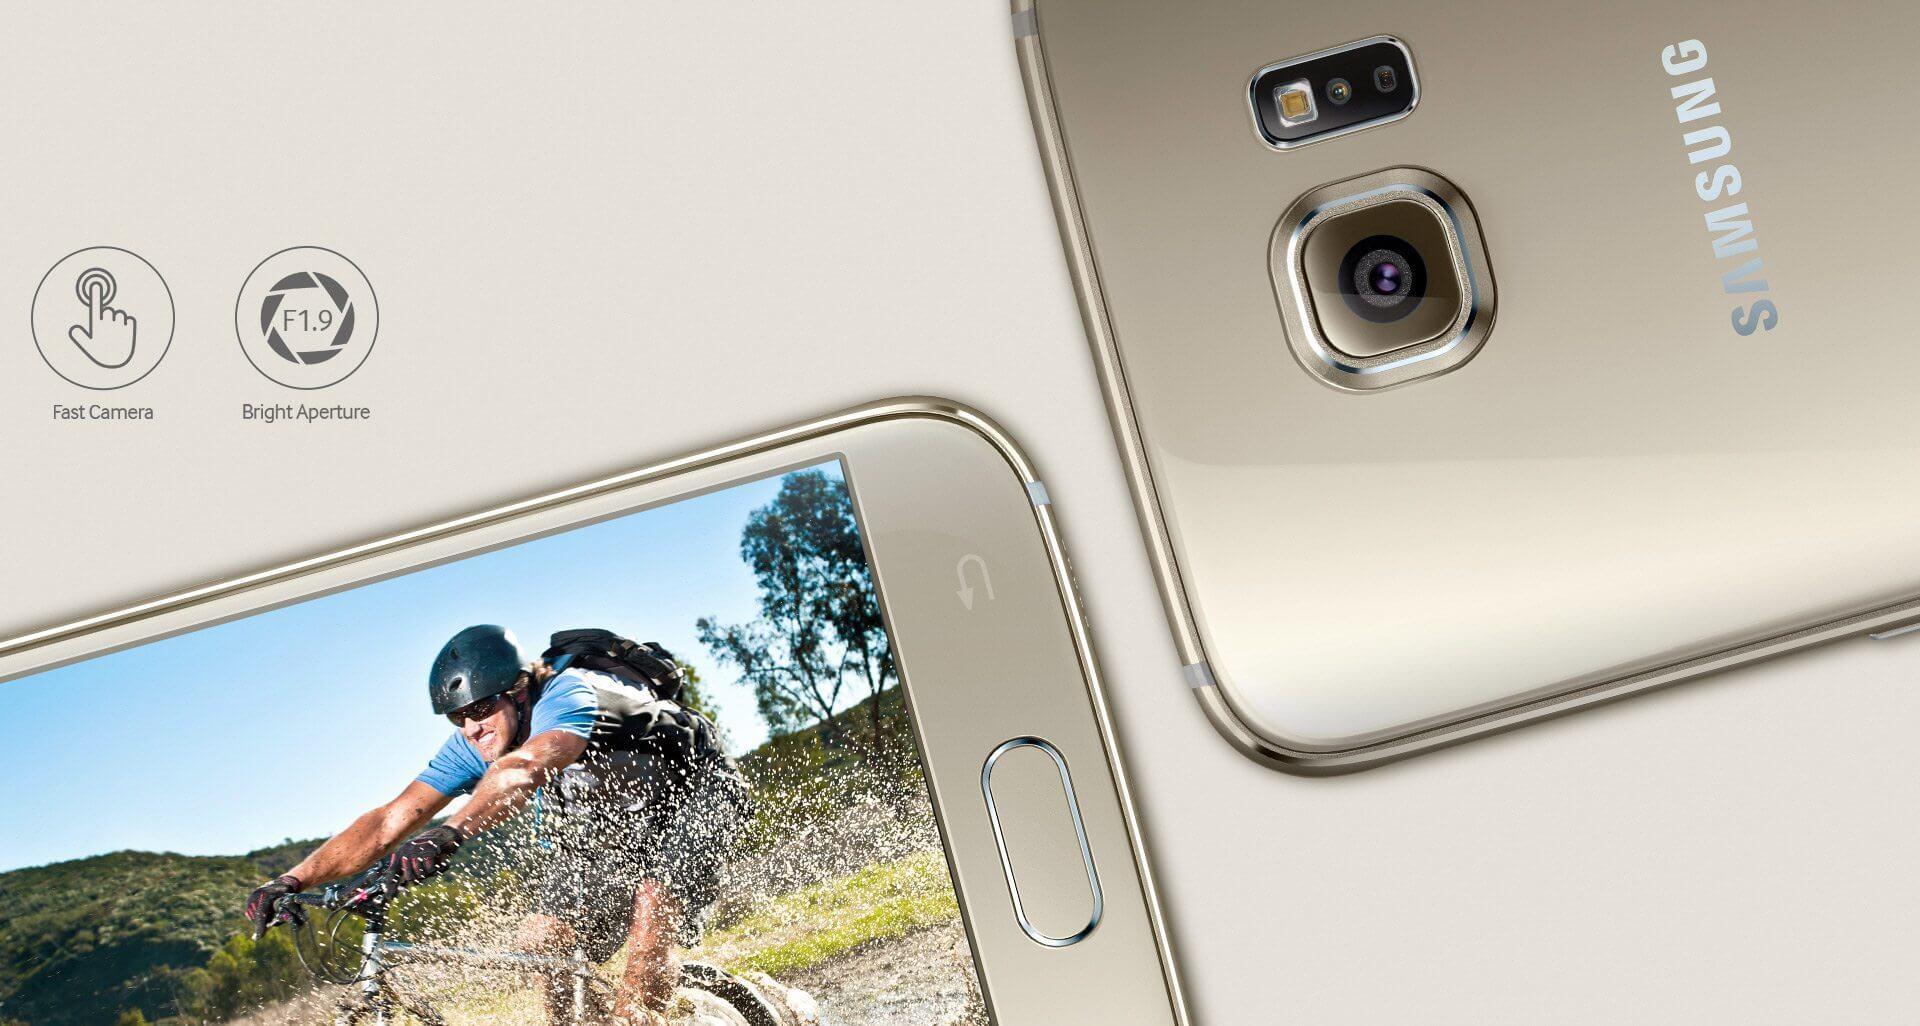 Smt samsung galaxy s6 camera